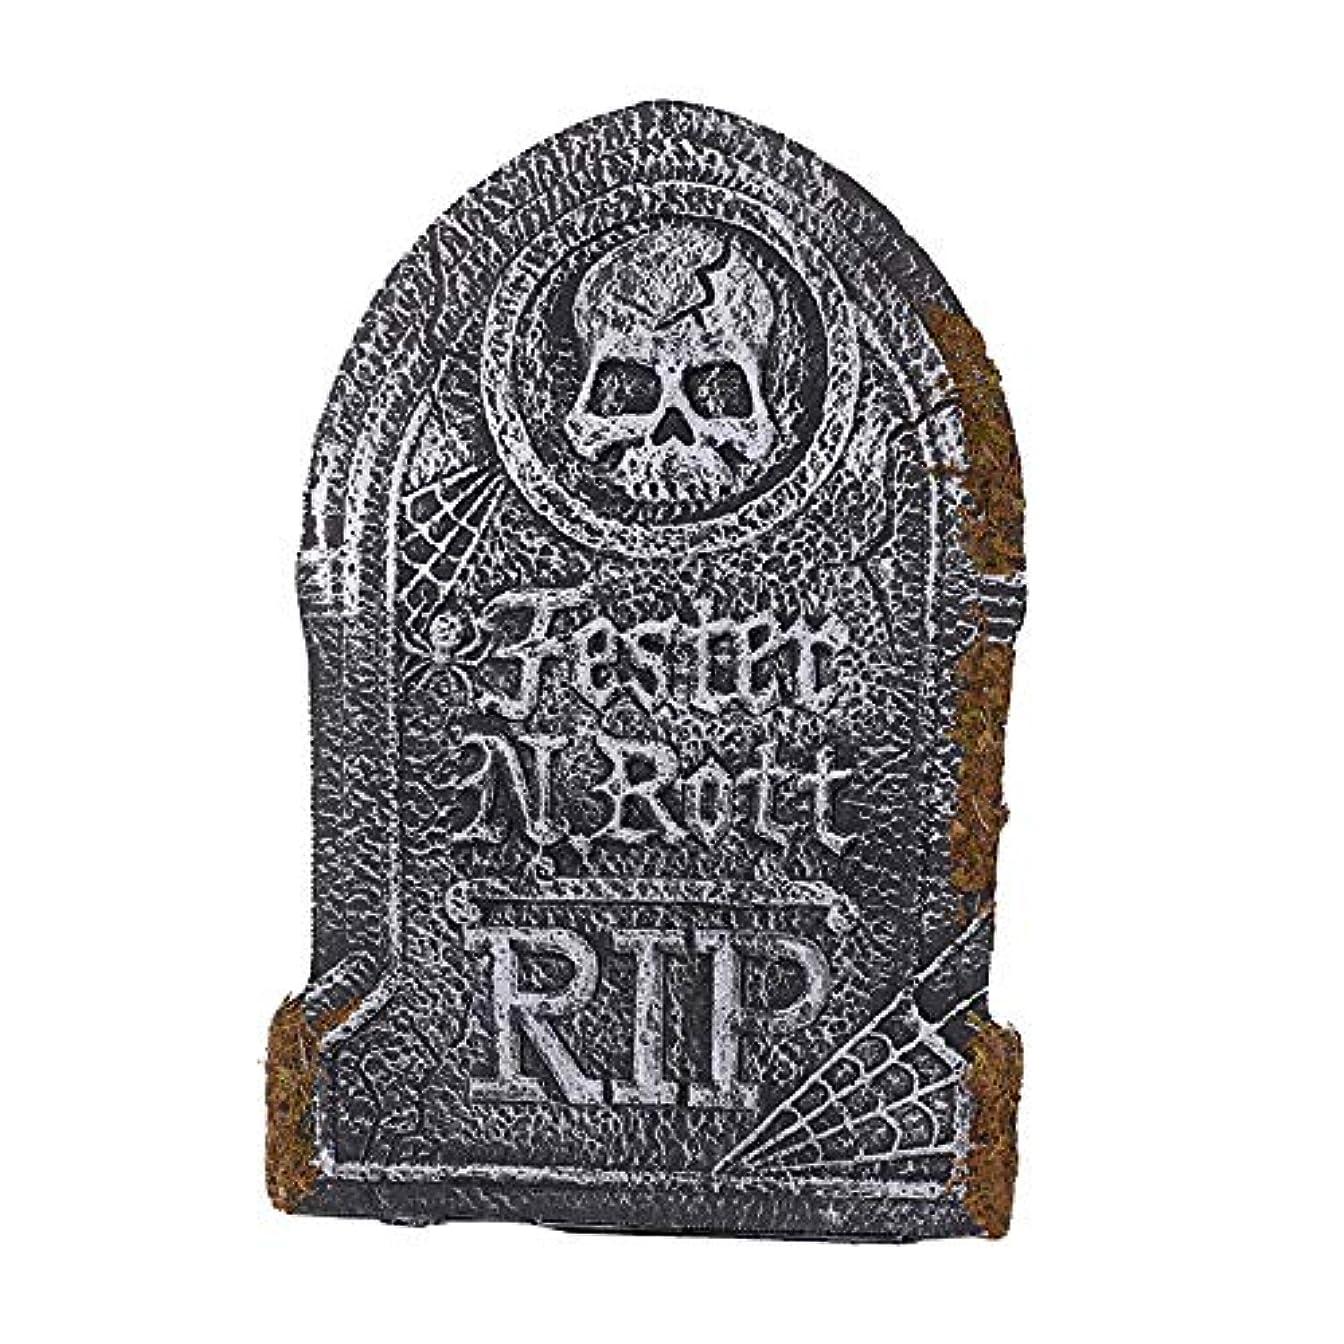 ユーモアインディカ国民投票ETRRUU HOME 三次元墓石ハロウィーン怖いトリッキーな装飾バーKTホラー雰囲気の装飾写真の小道具